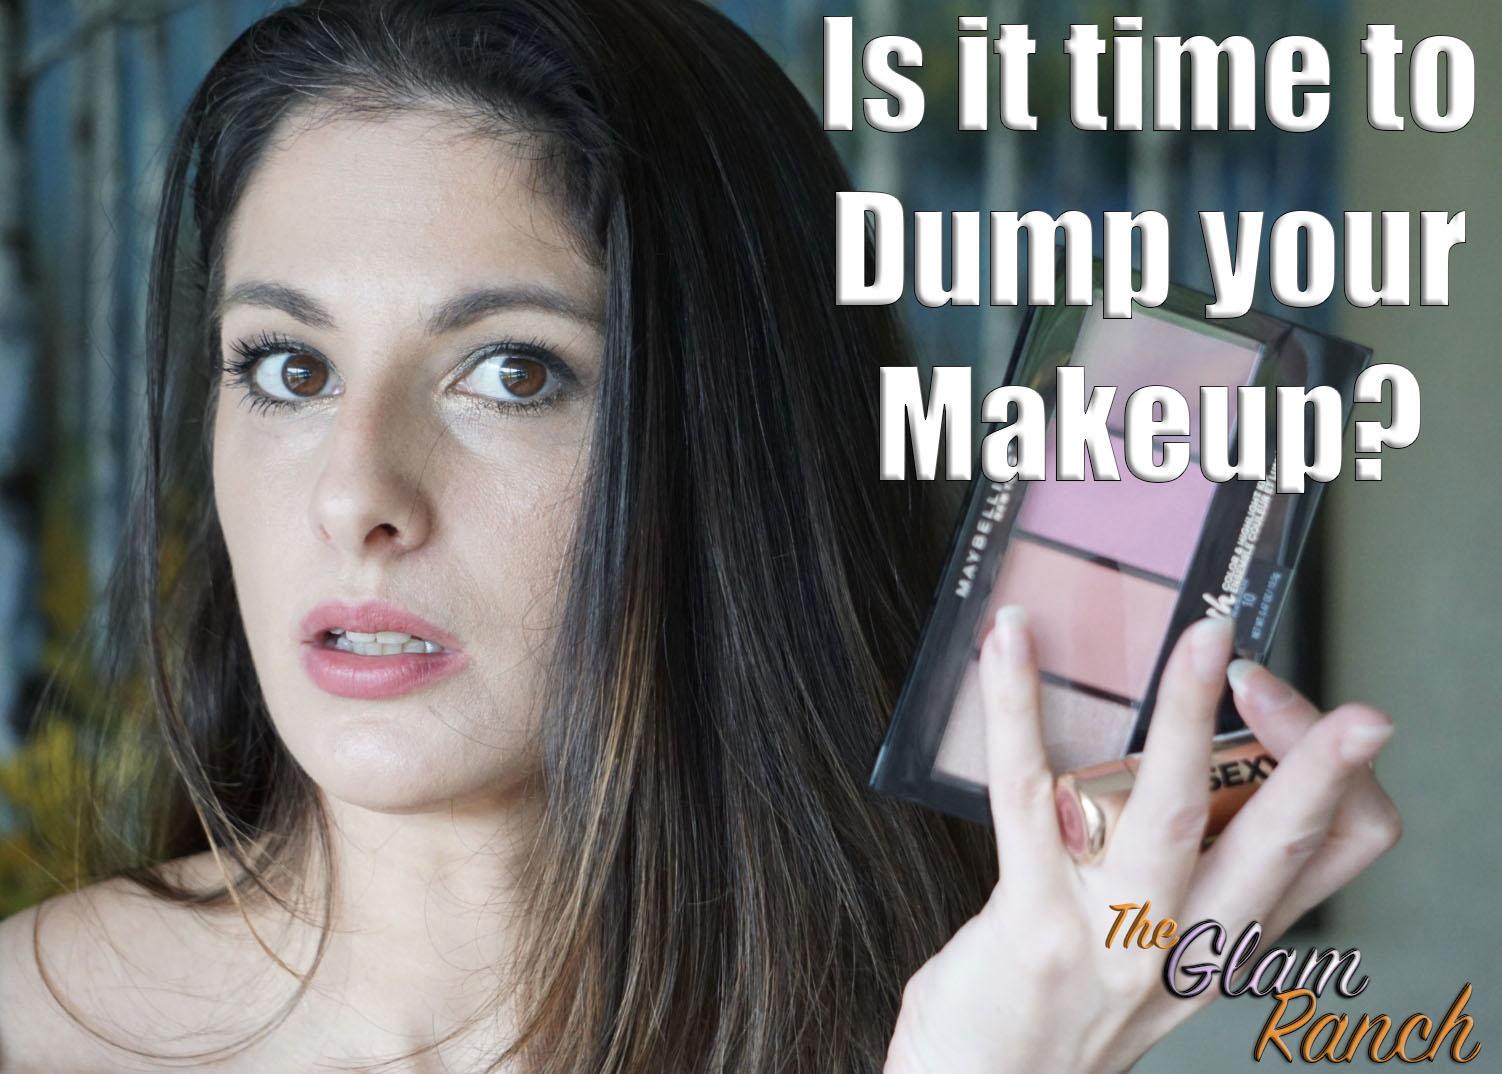 TimetoDumpMakeup.jpg